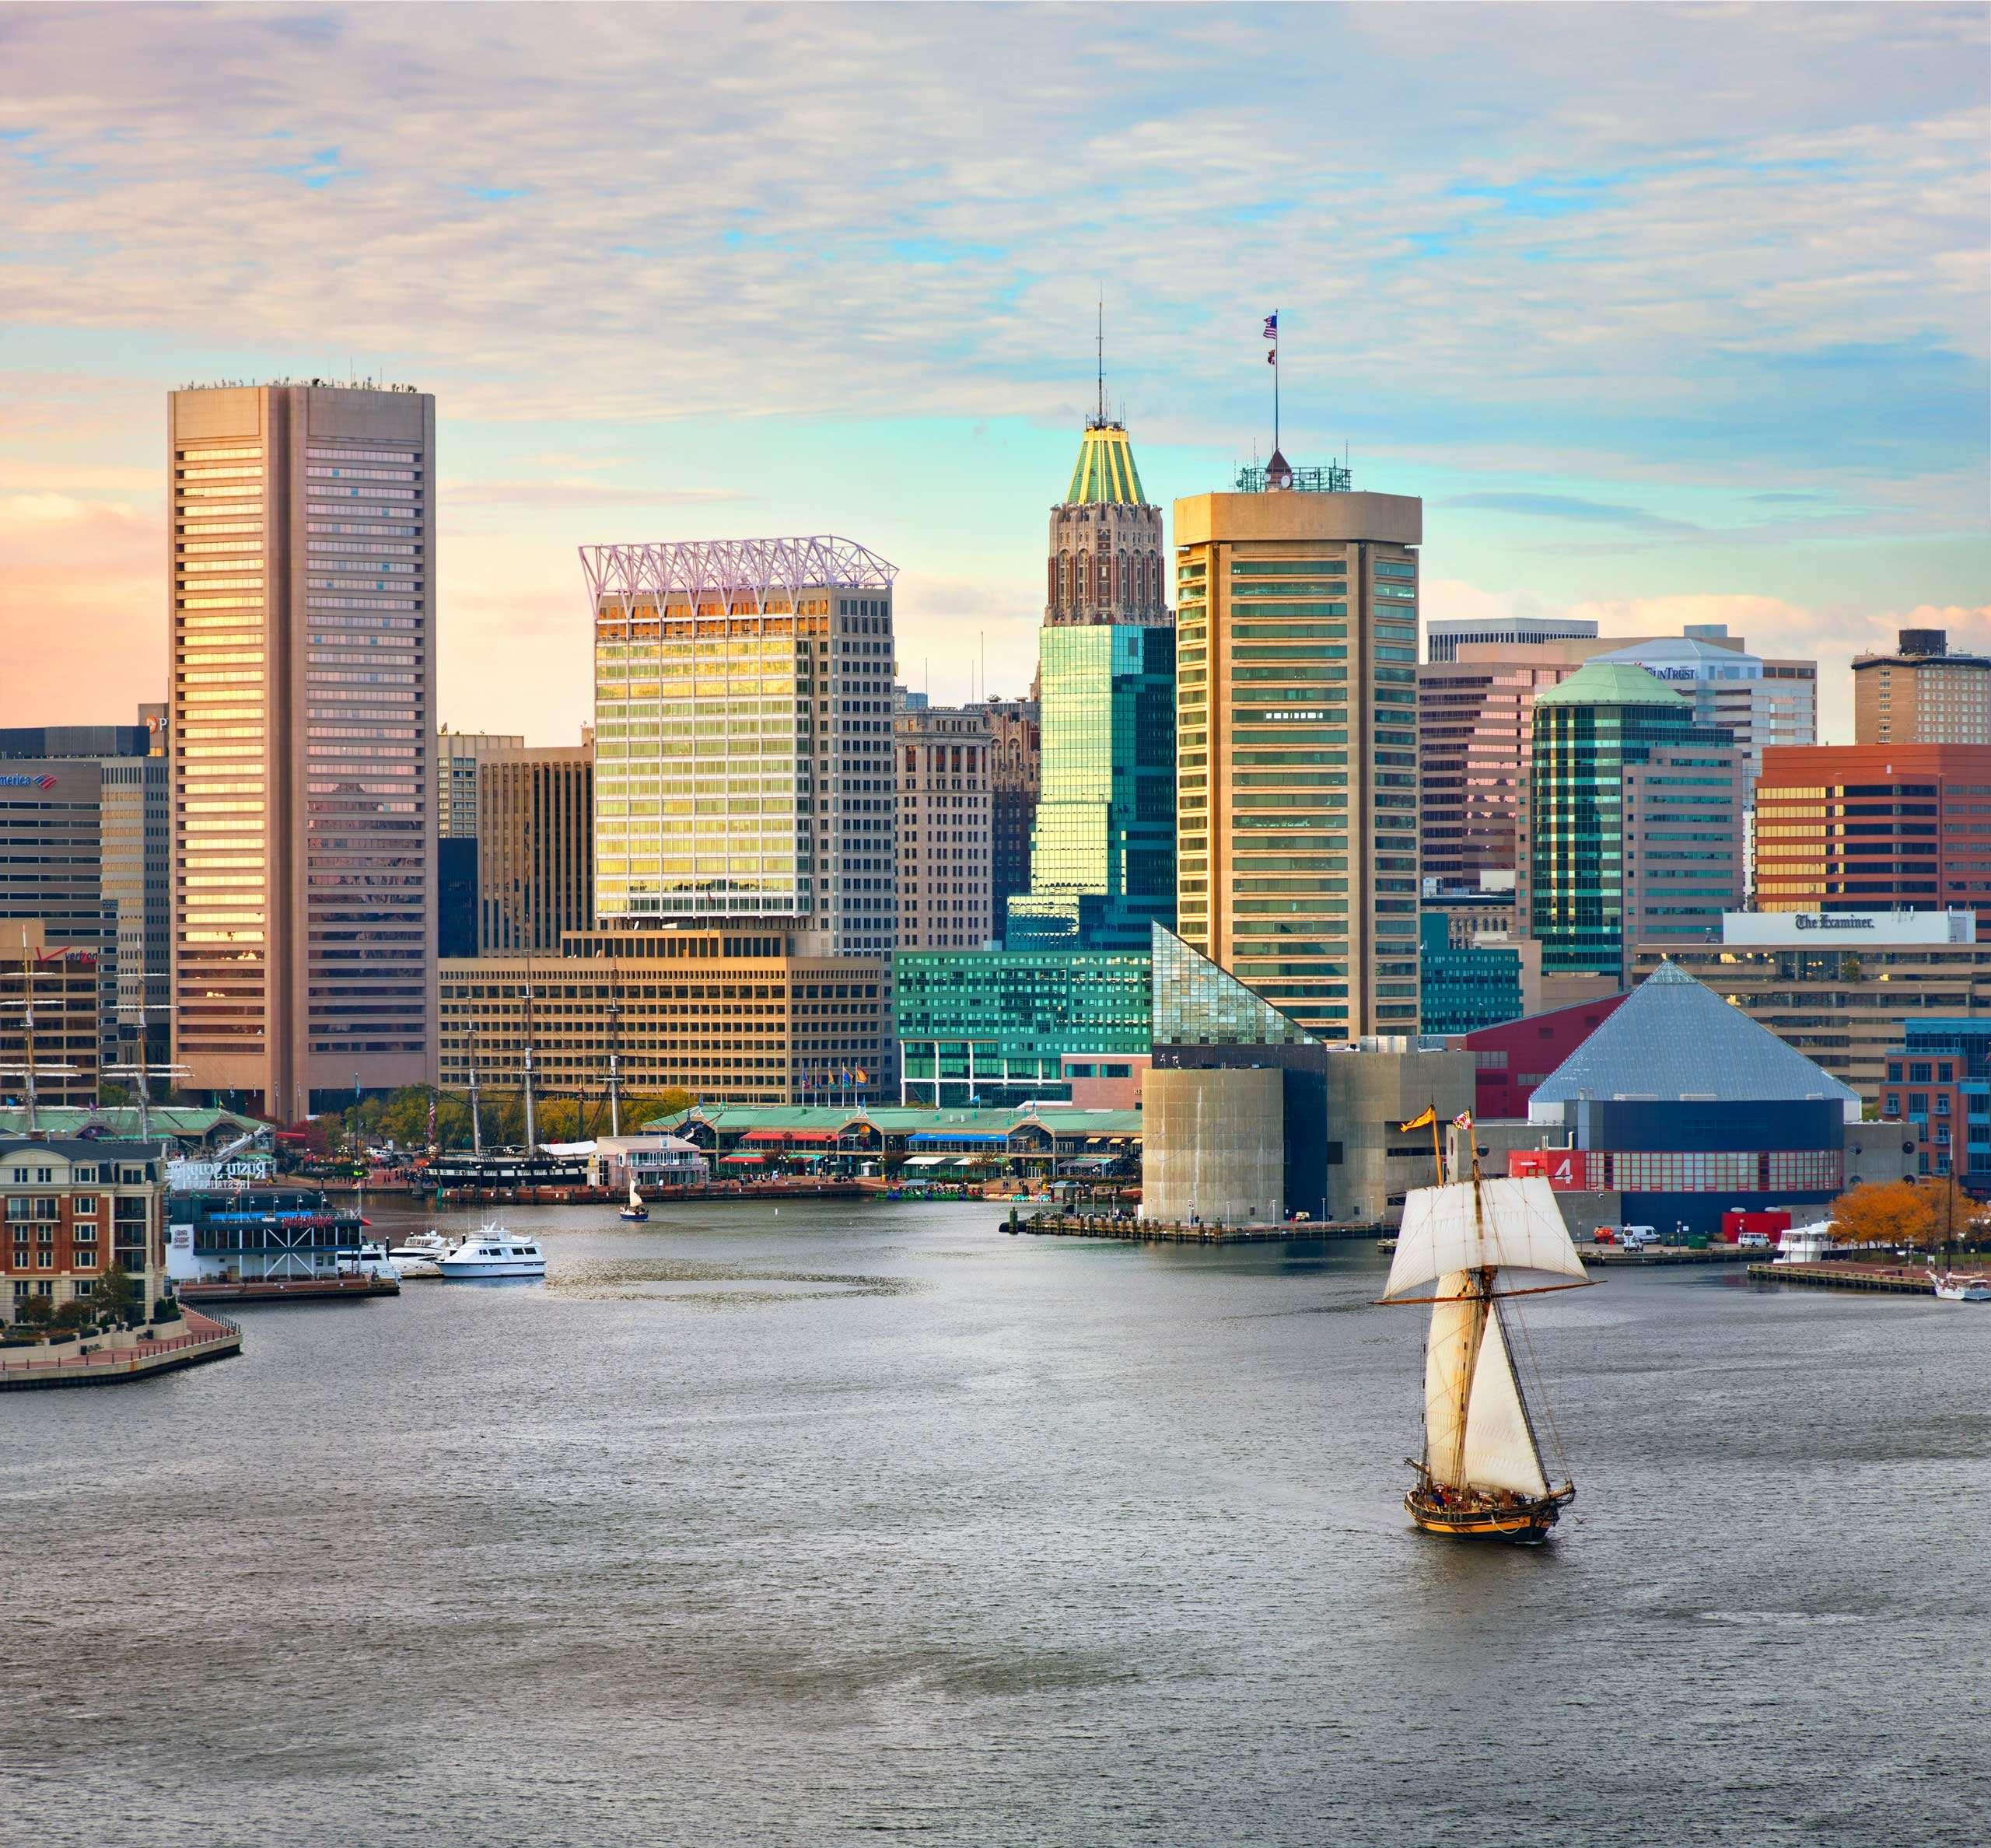 PORTFOLIO - Baltimore-Skylines #10  - PCG715